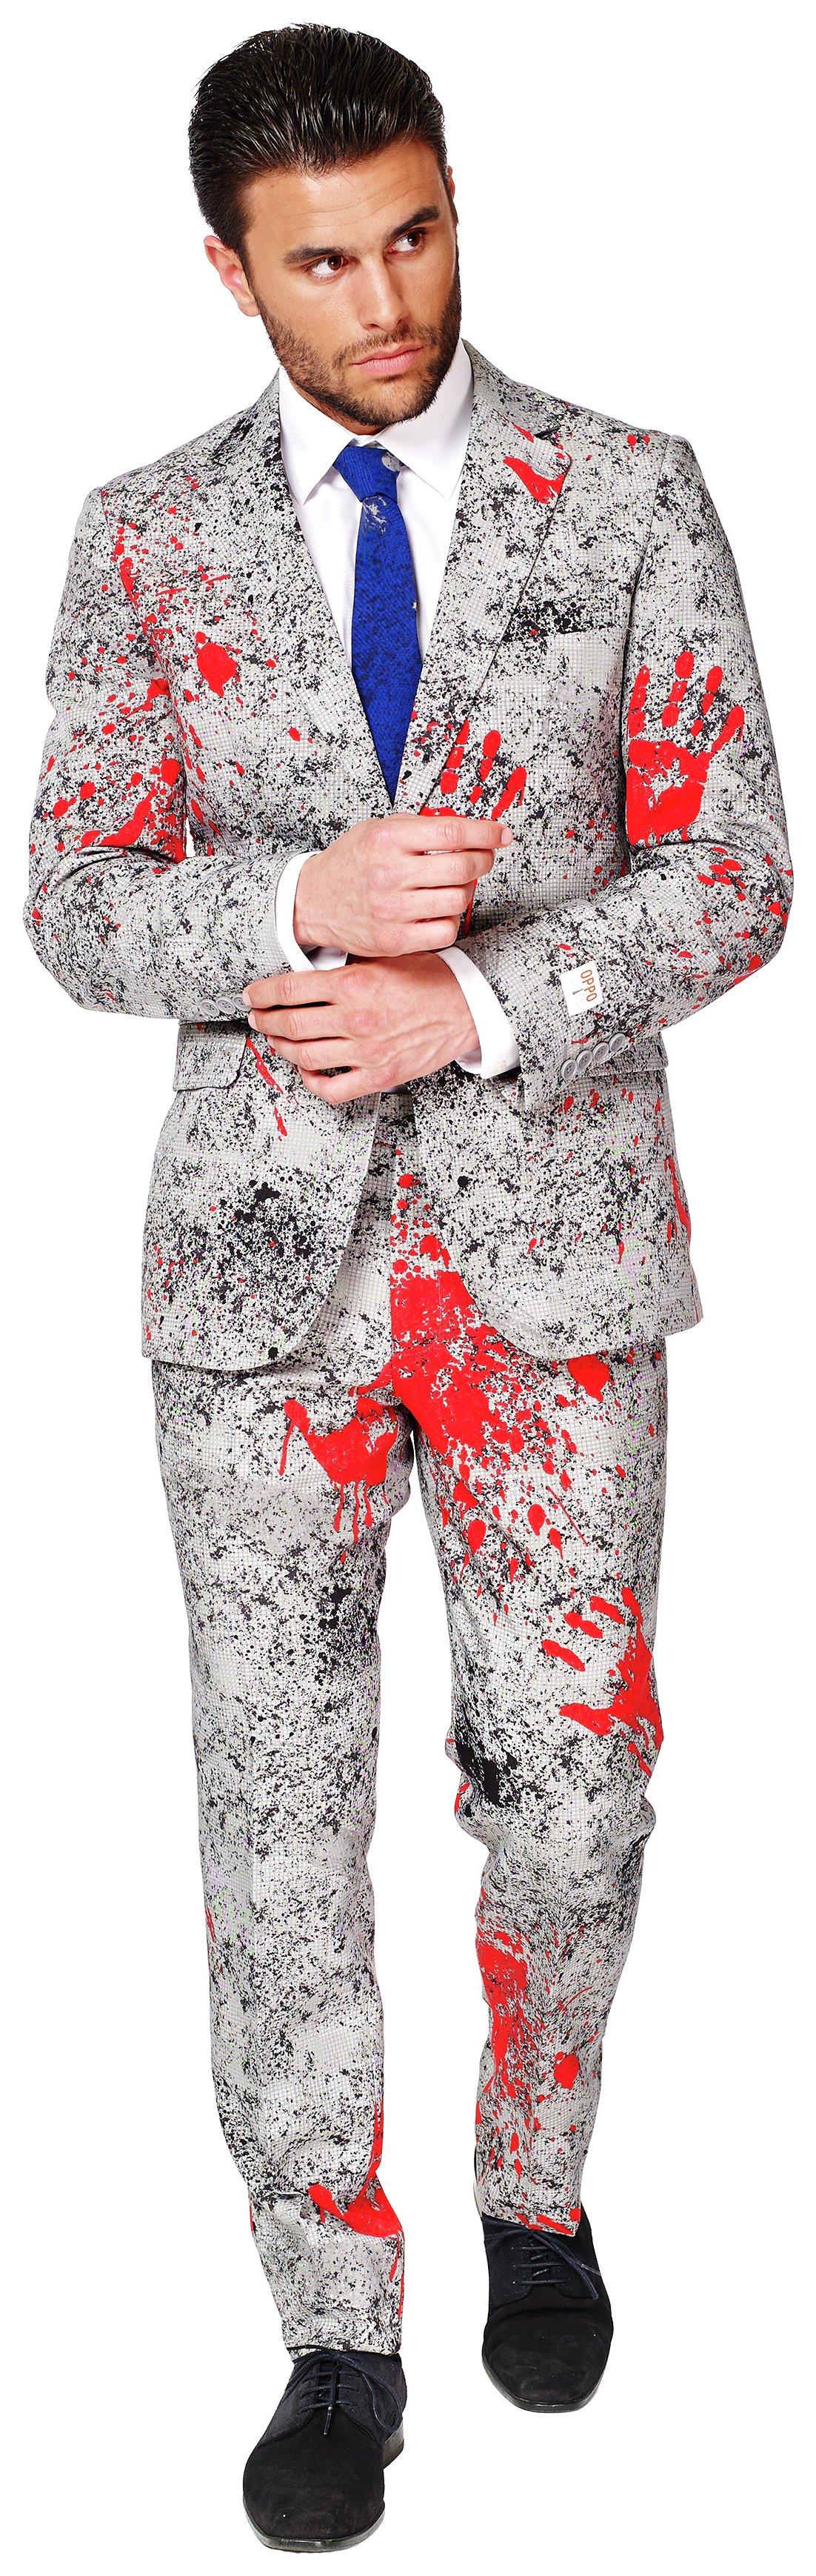 opposuit-zombiac-suit-chest-36